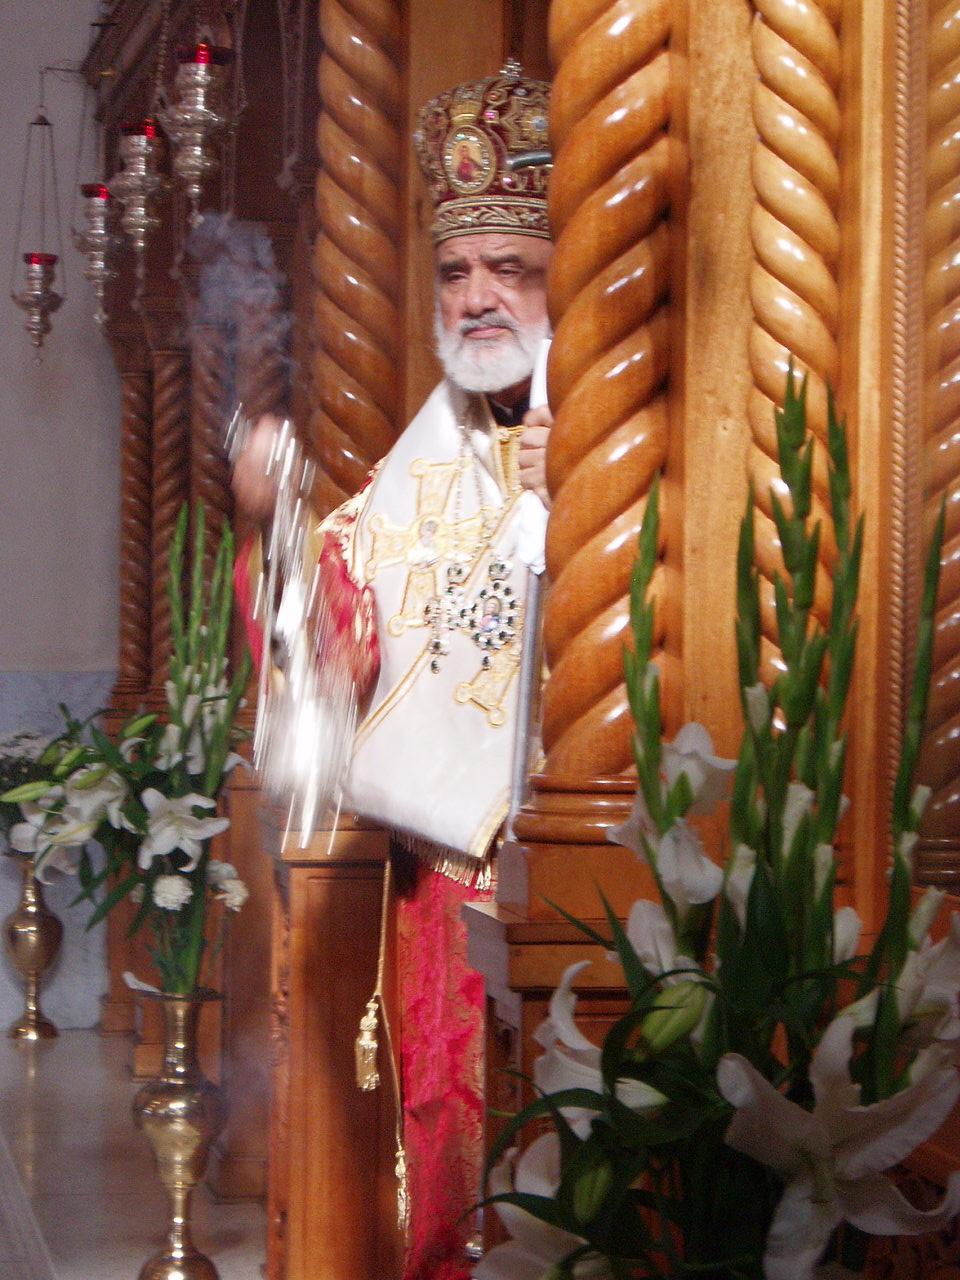 Archbishop Stylianos Harkianakis of Australia